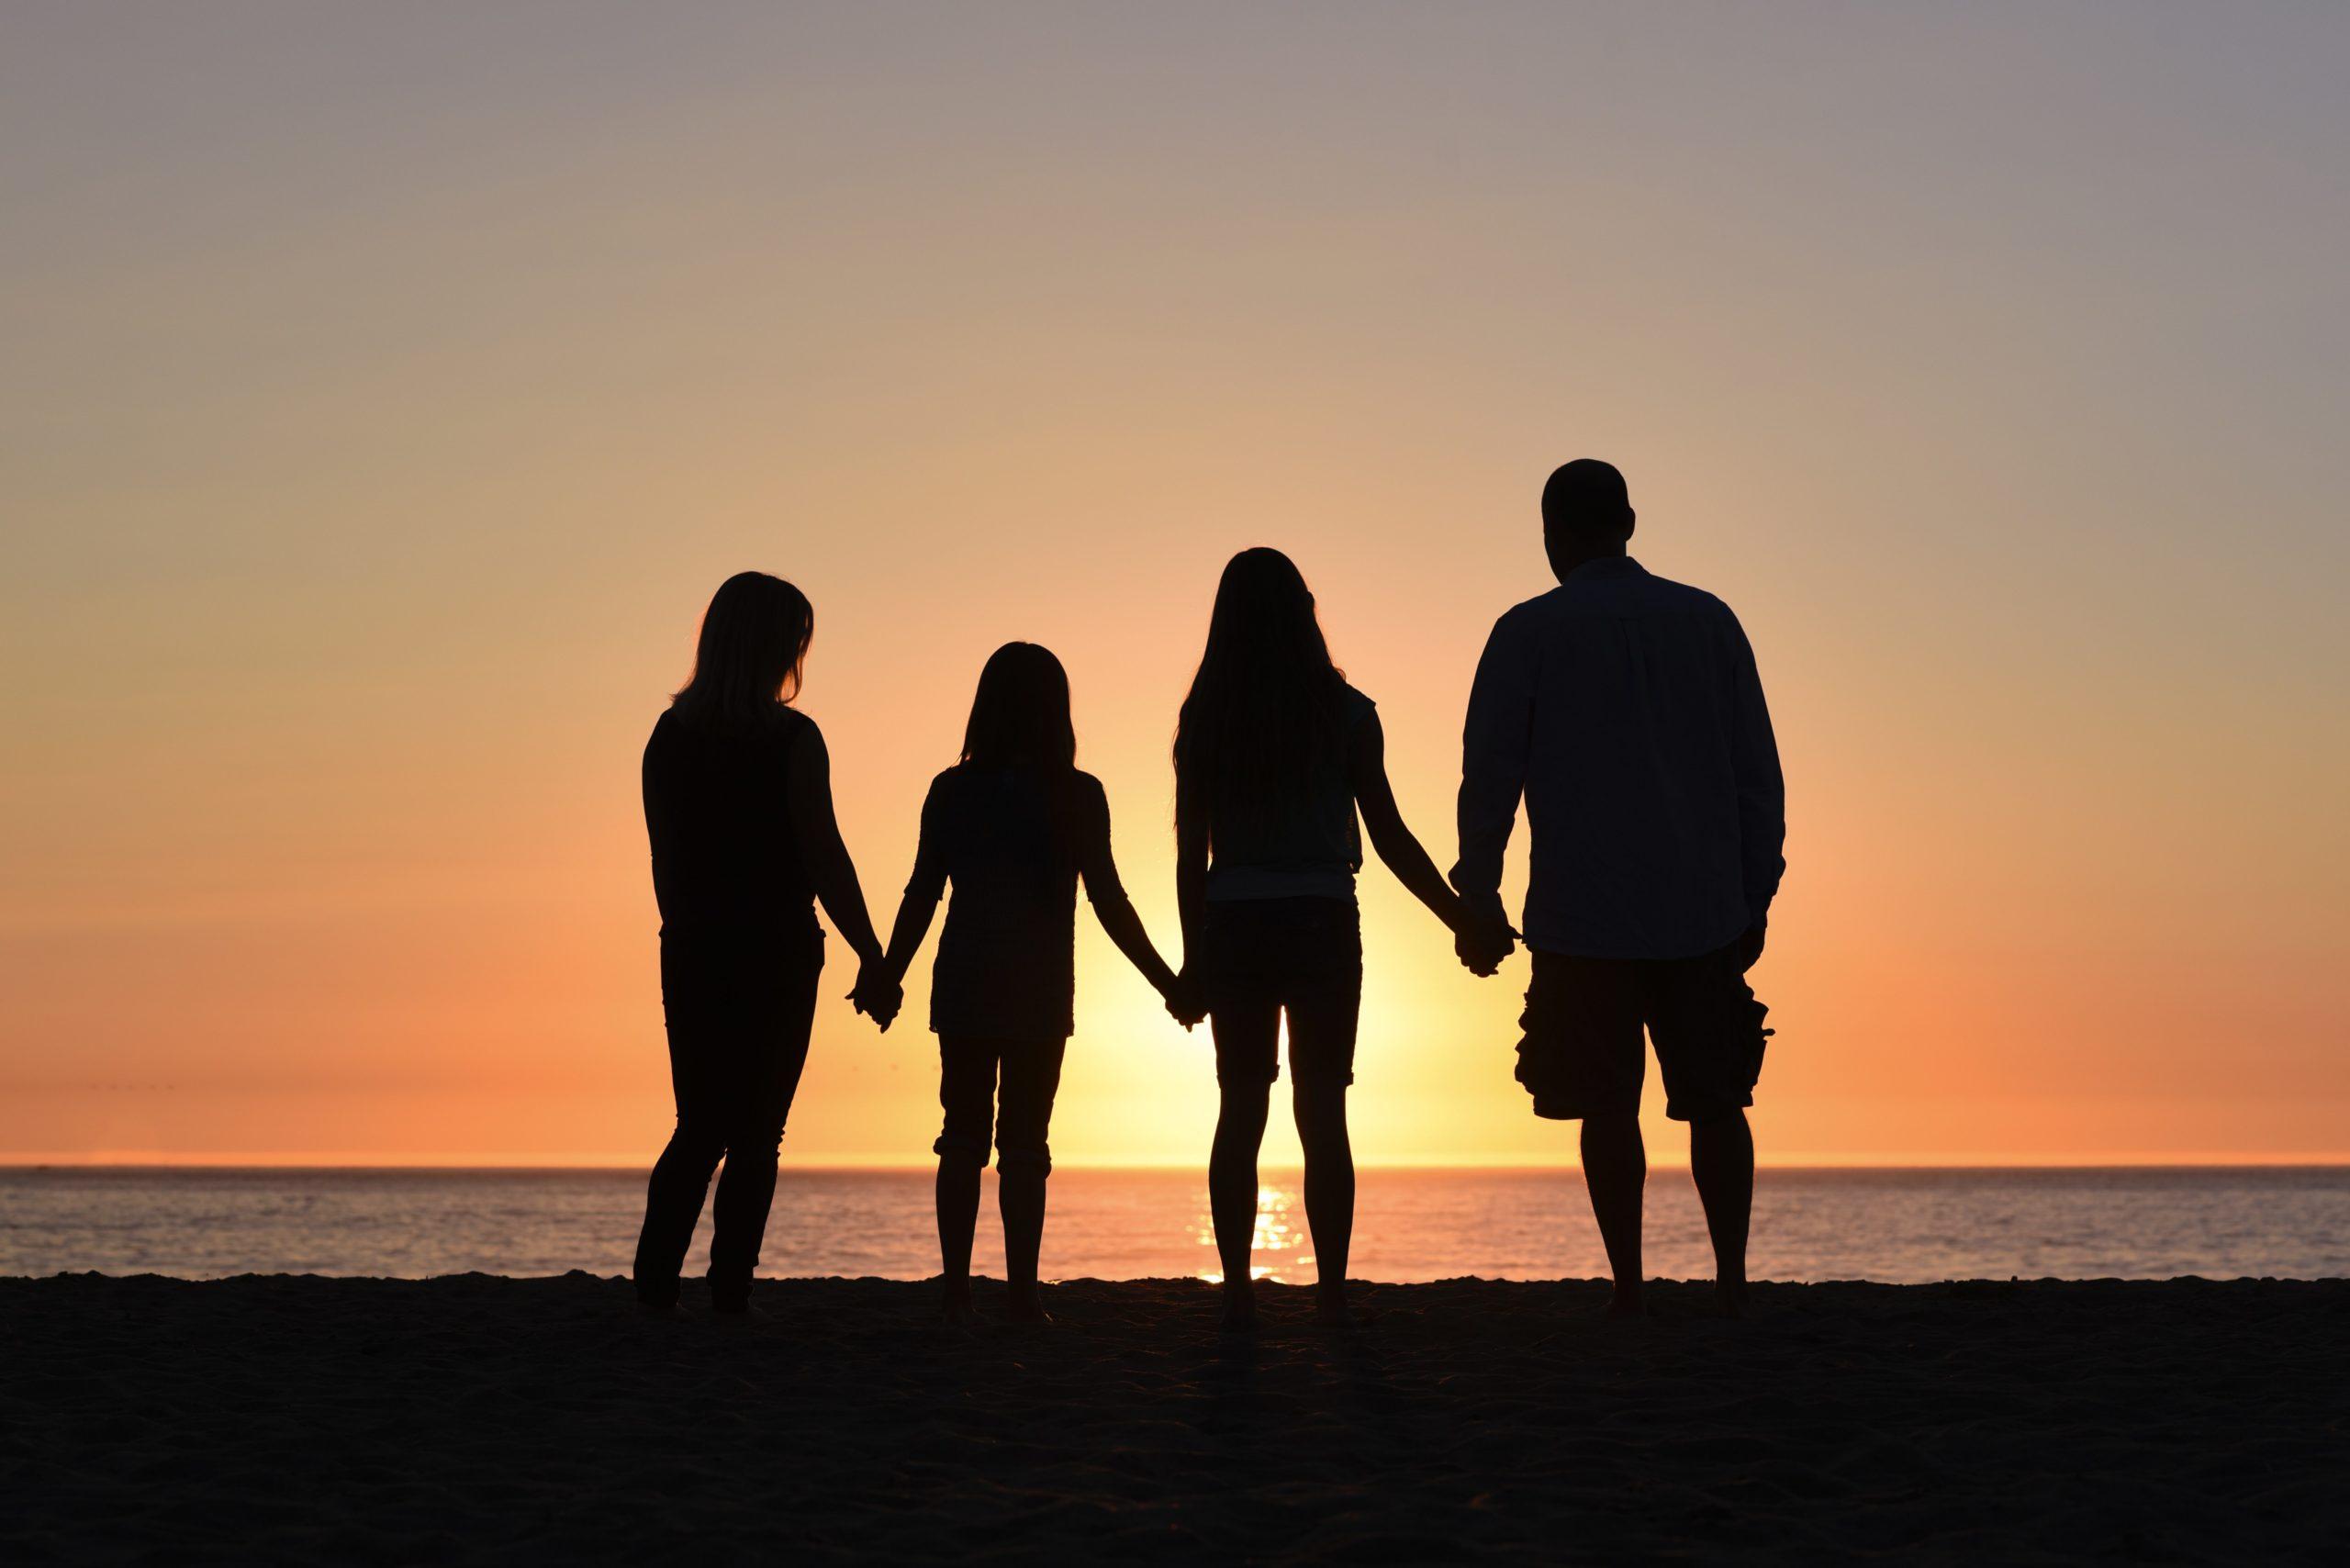 転職を親に反対されても良好な関係を維持する方法